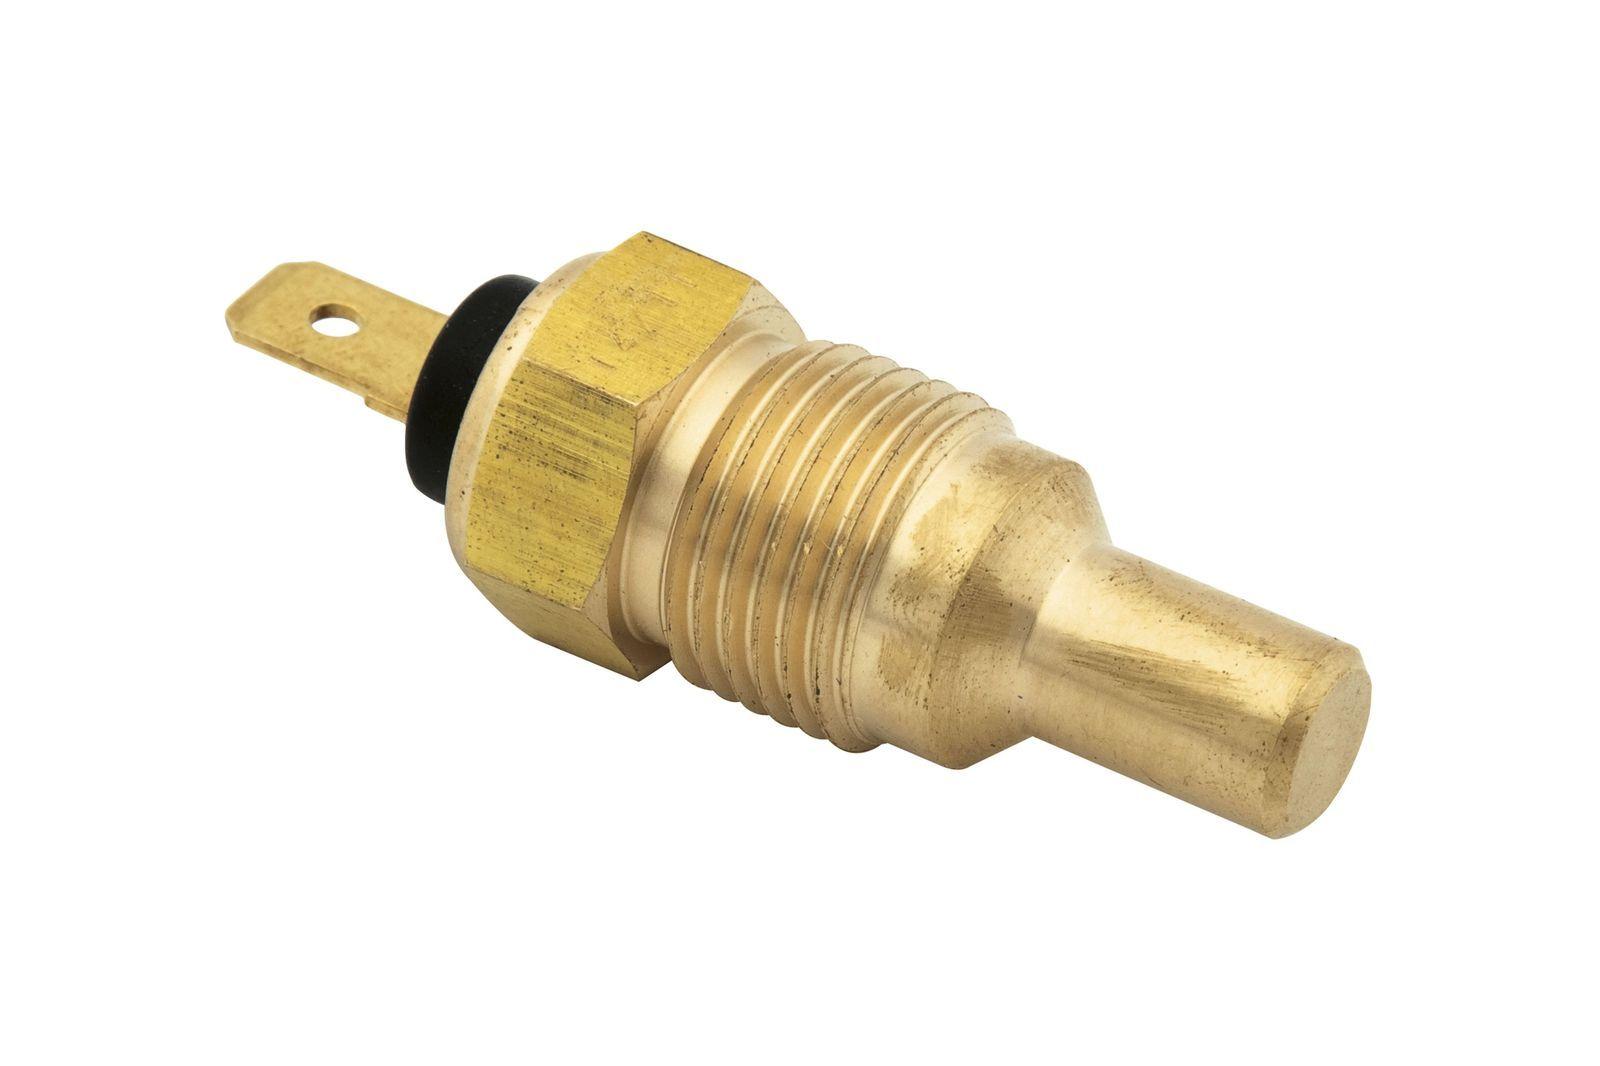 #Geber Temperaturanzeige Instrument MGB ab 1976, GTR0101